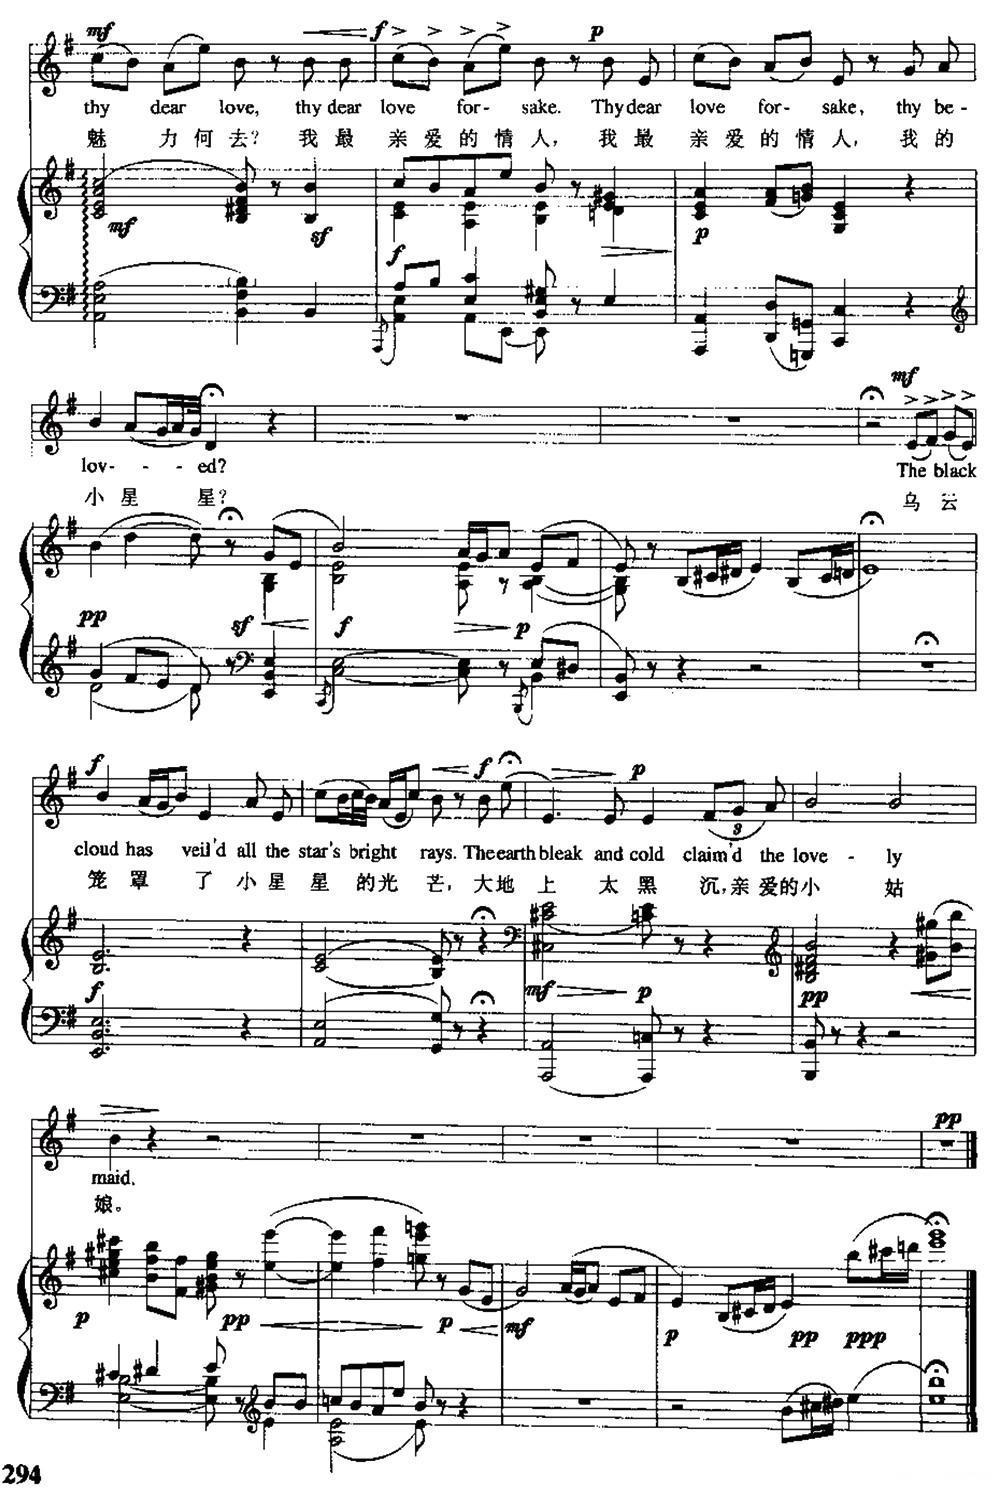 首页 钢琴谱 > 小星星在何方